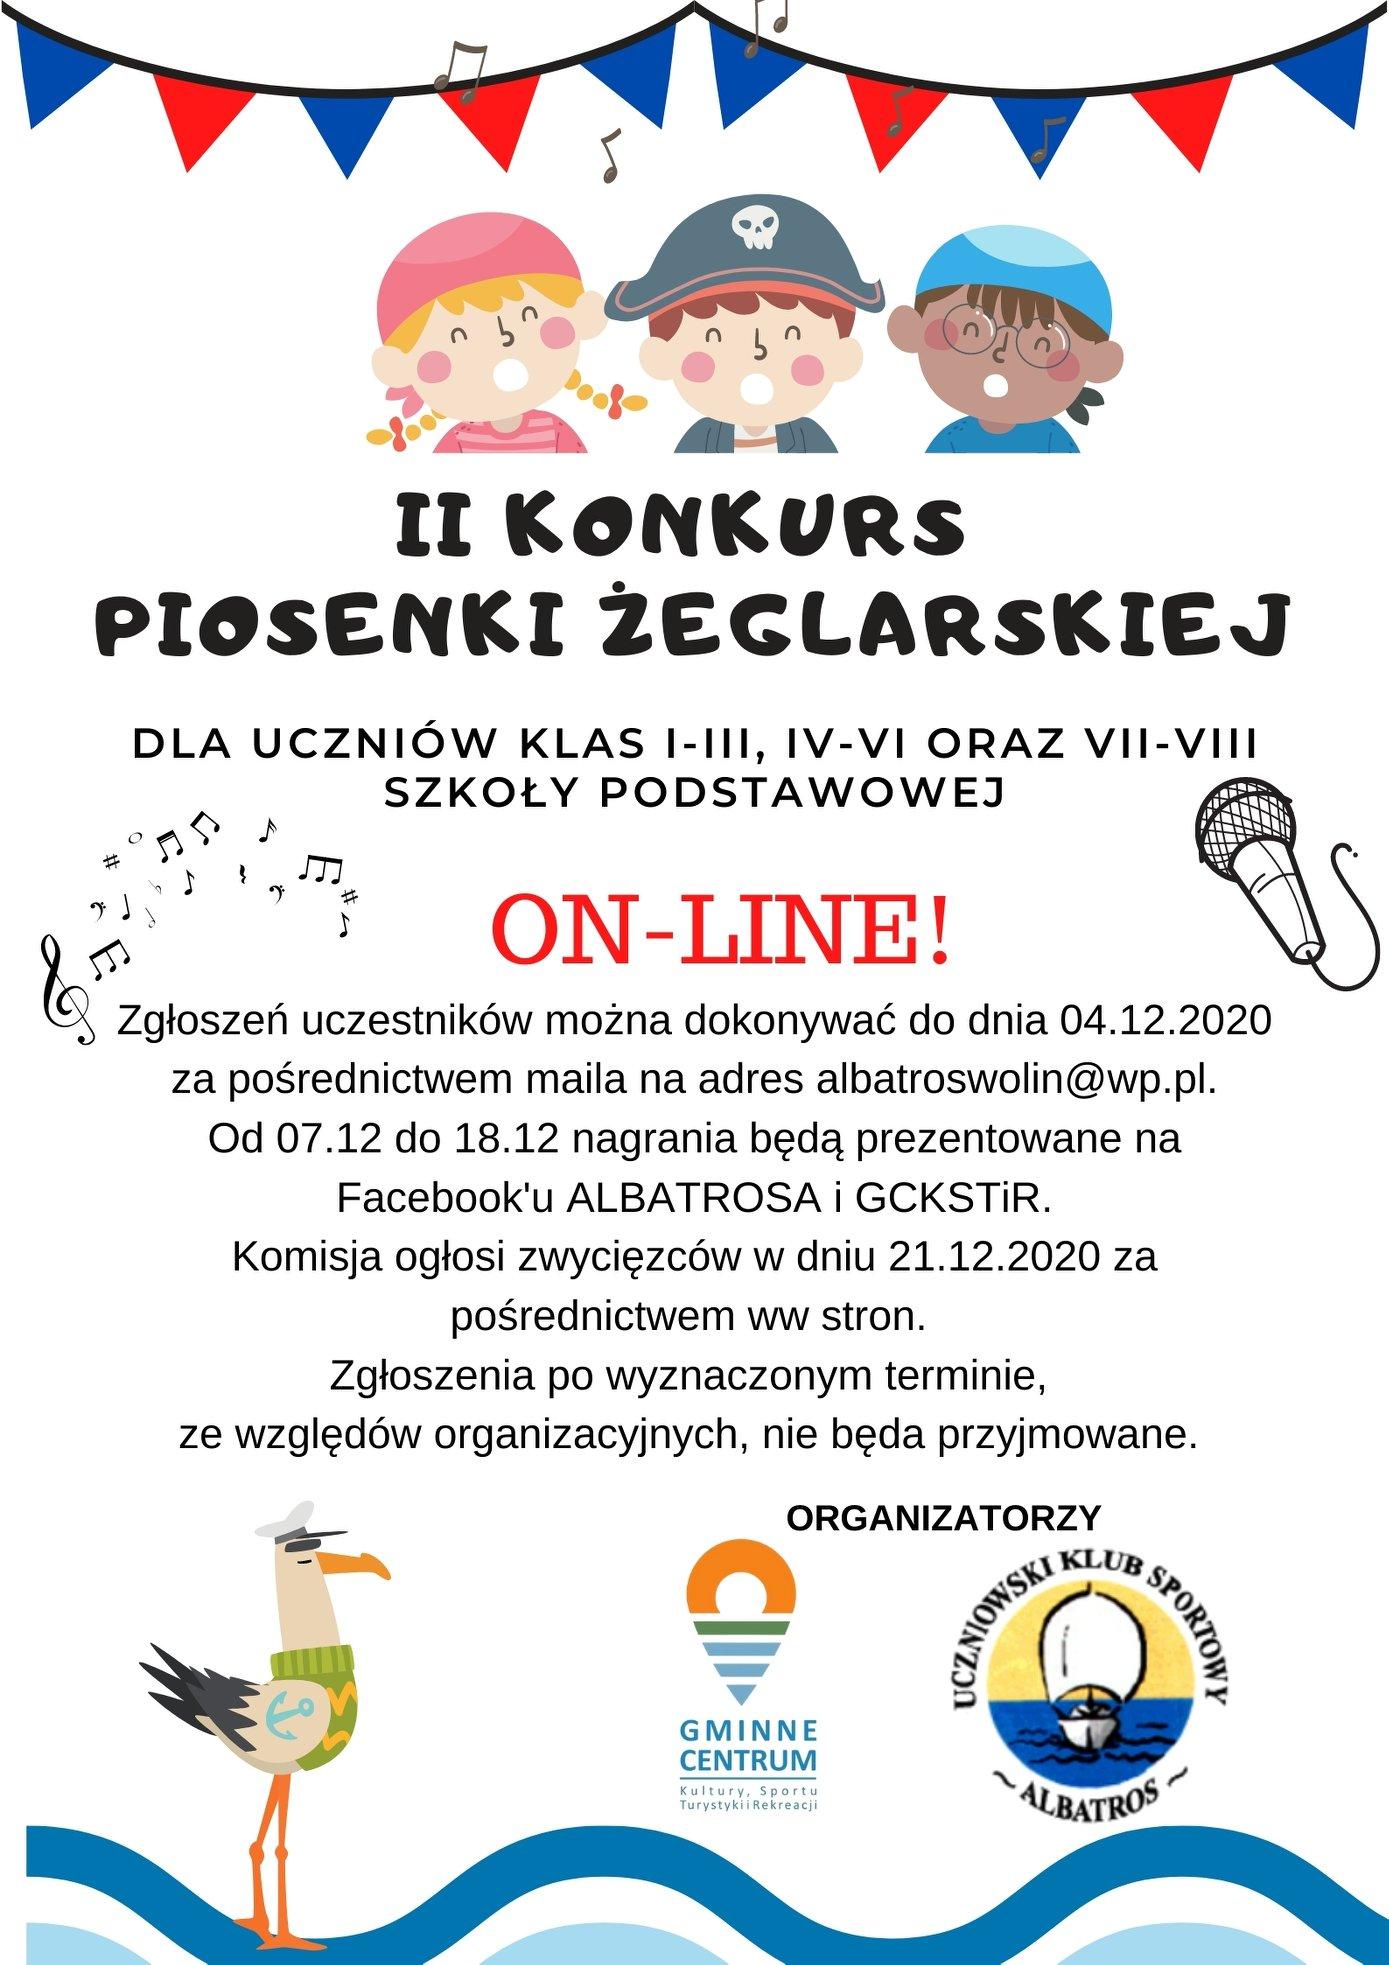 W tym roku II Konkurs Piosenki Żeglarskiej odbędzie się on-line